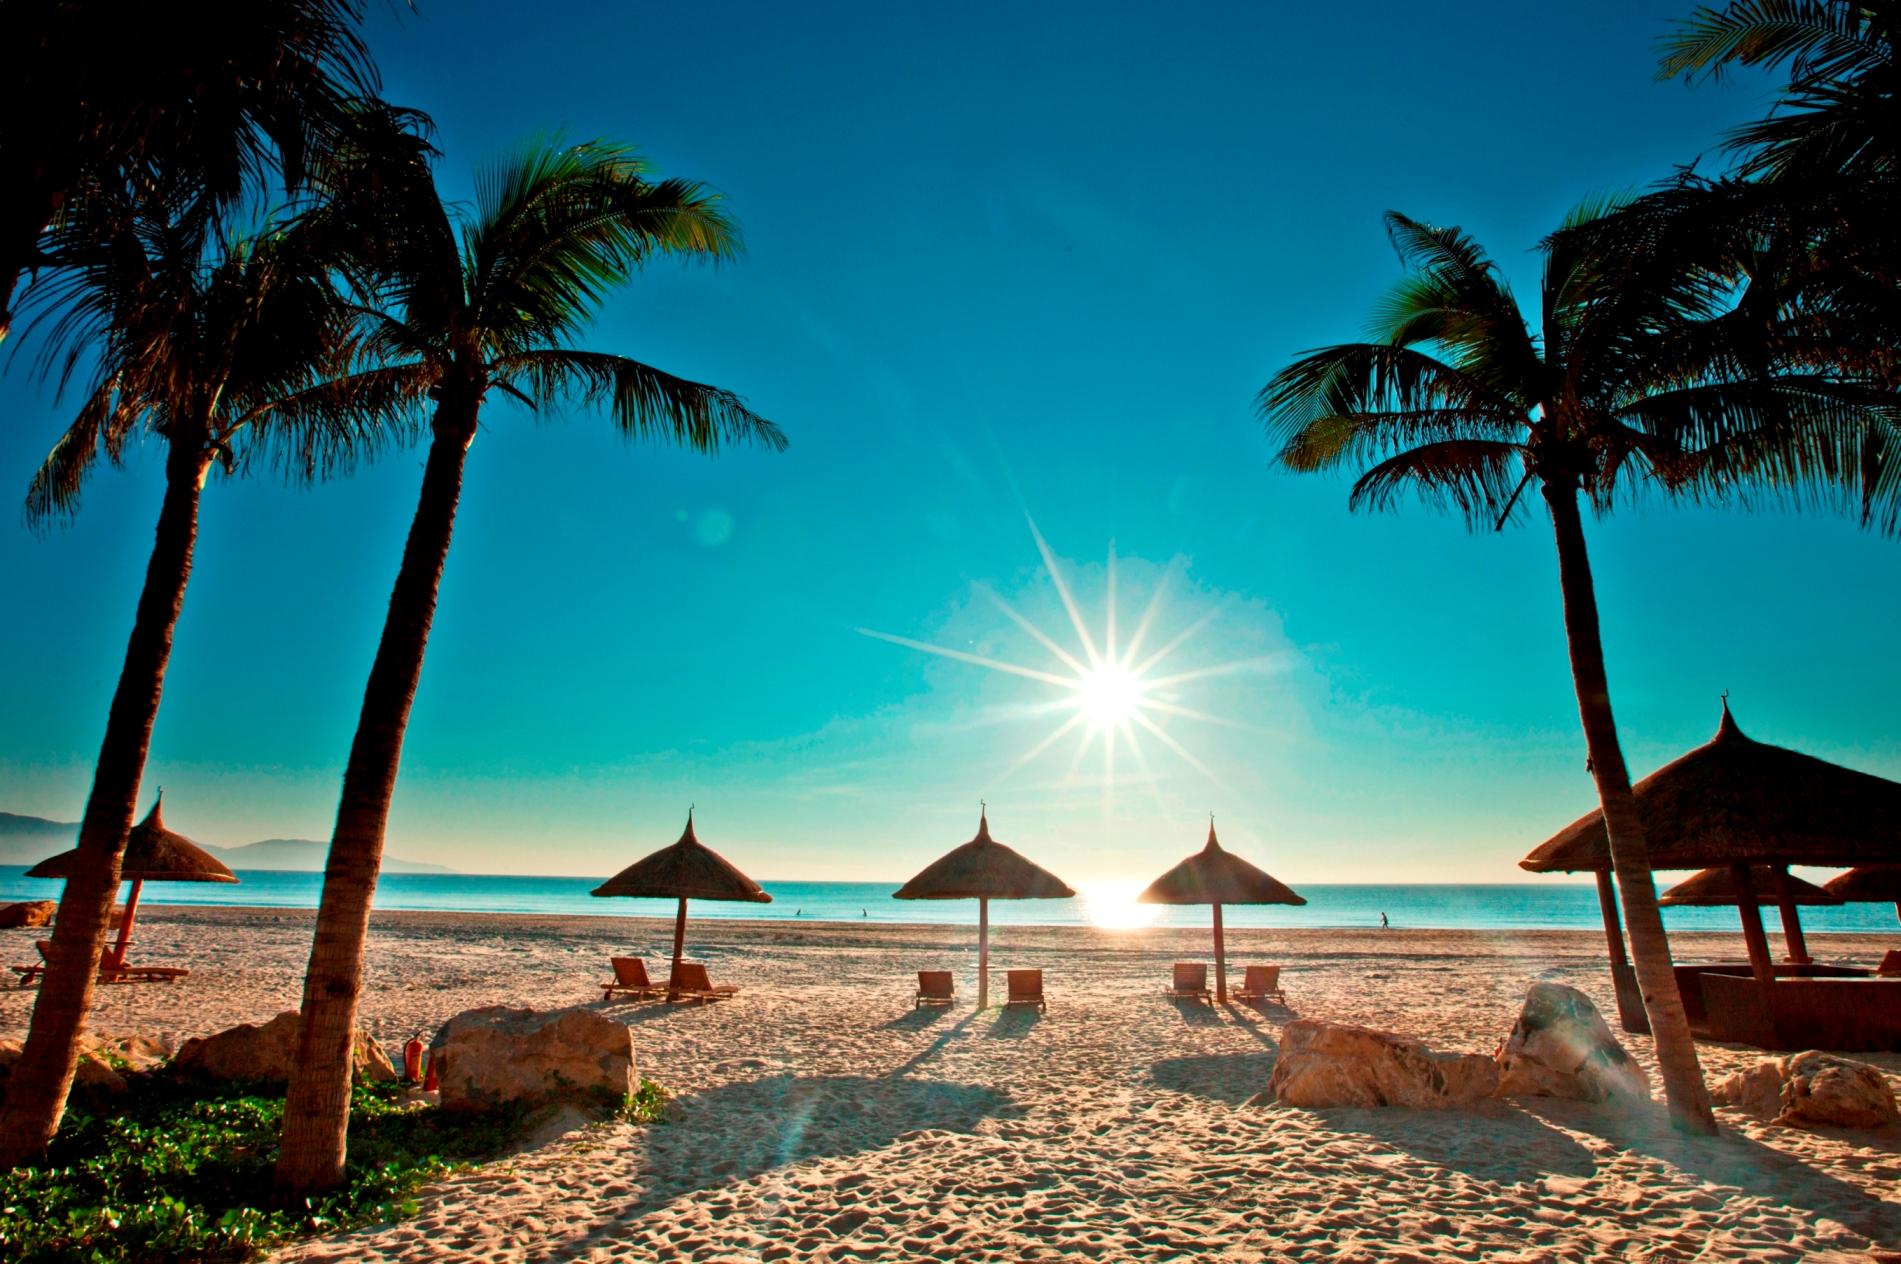 Nha Trang là địa điểm du lịch Tết thú vị cho những ai yêu thích biển và nắng